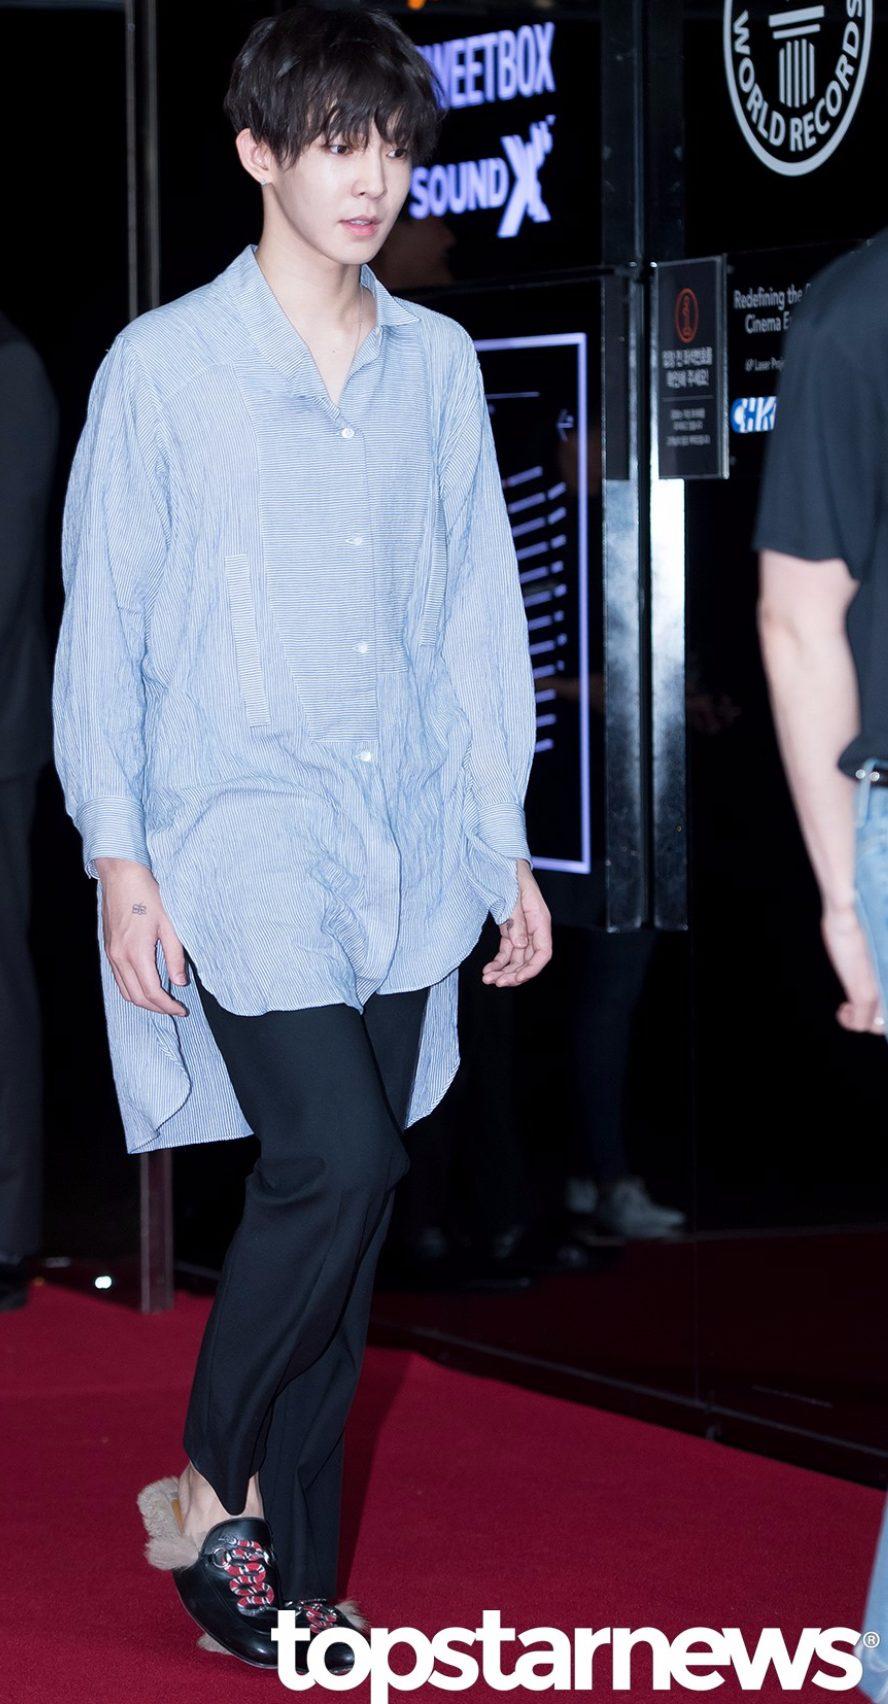 再來這位!真的只有他可以駕馭這衣服~其他人穿就是睡衣!(還是洗過鬆掉的那種! 南太炫的時尚有目共睹,特別他用各種髮色都搭配得住任何襯衫~